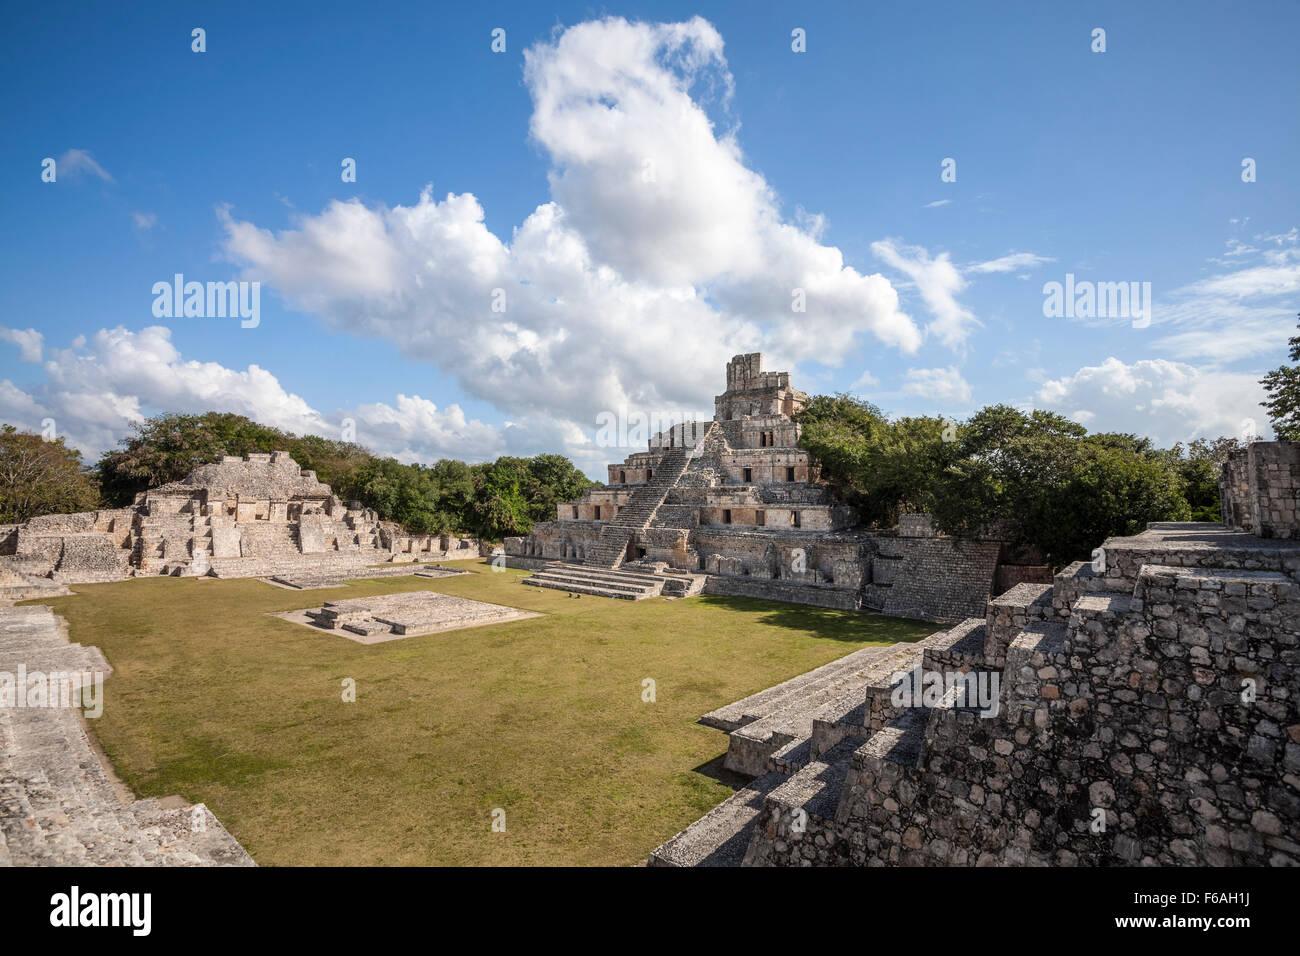 La pirámide de cinco pisos y plaza principal de las ruinas mayas de Edzná, Campeche, México. Imagen De Stock